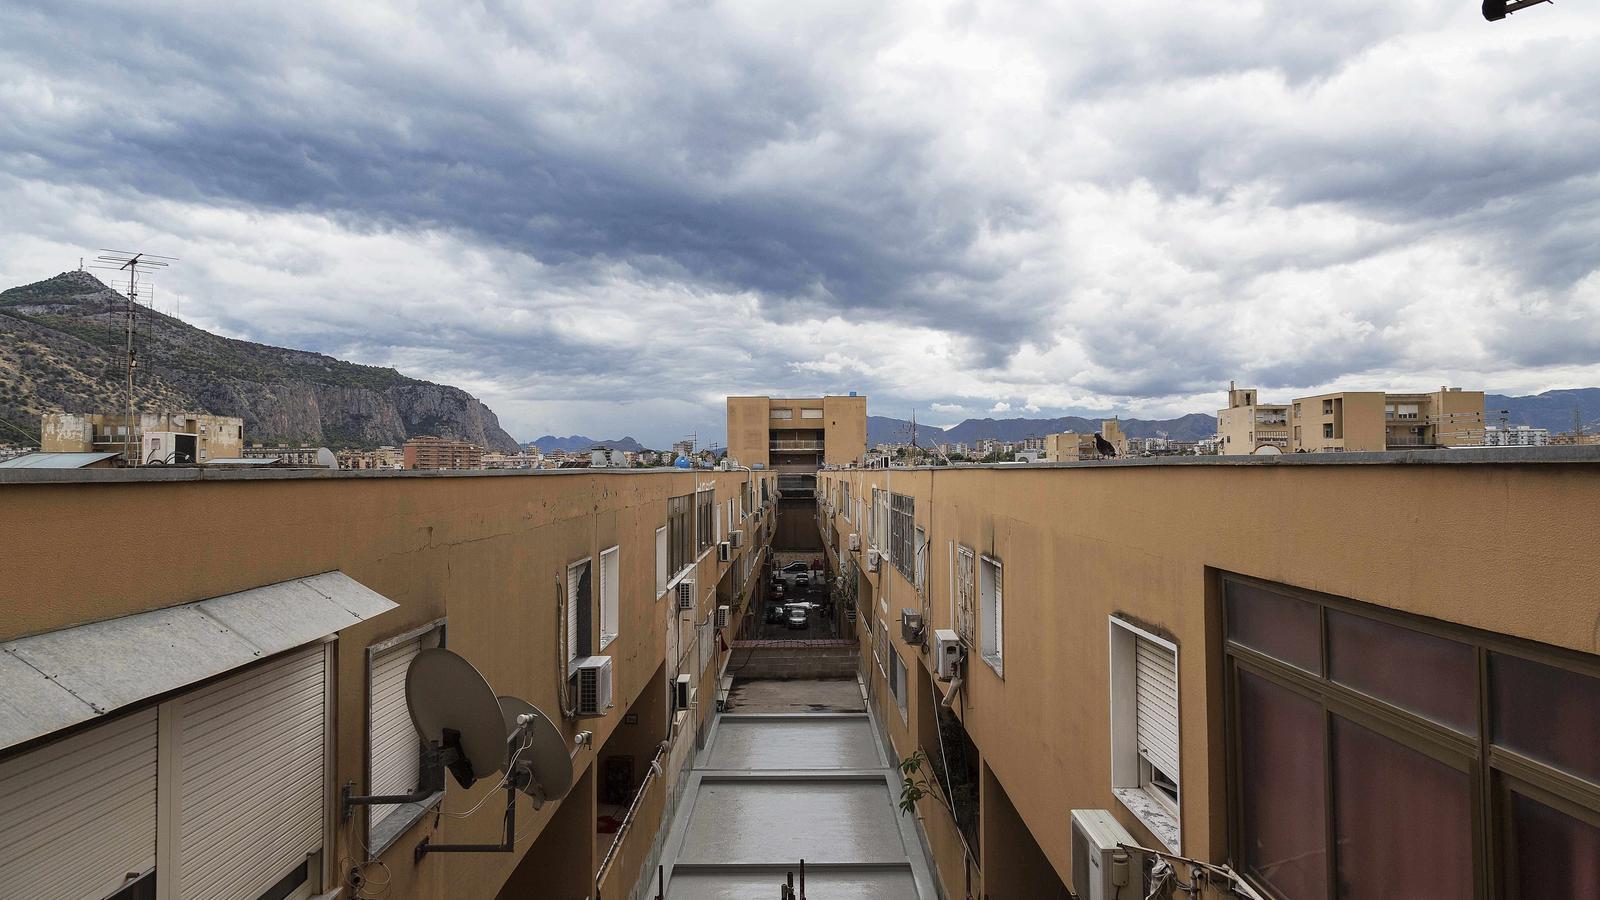 Vista d'uns dels edificis del barri Lo Zen, a Palerm, dissenyat a finals dels 60 per Vittorio Gregotti, que està totalment degradat.